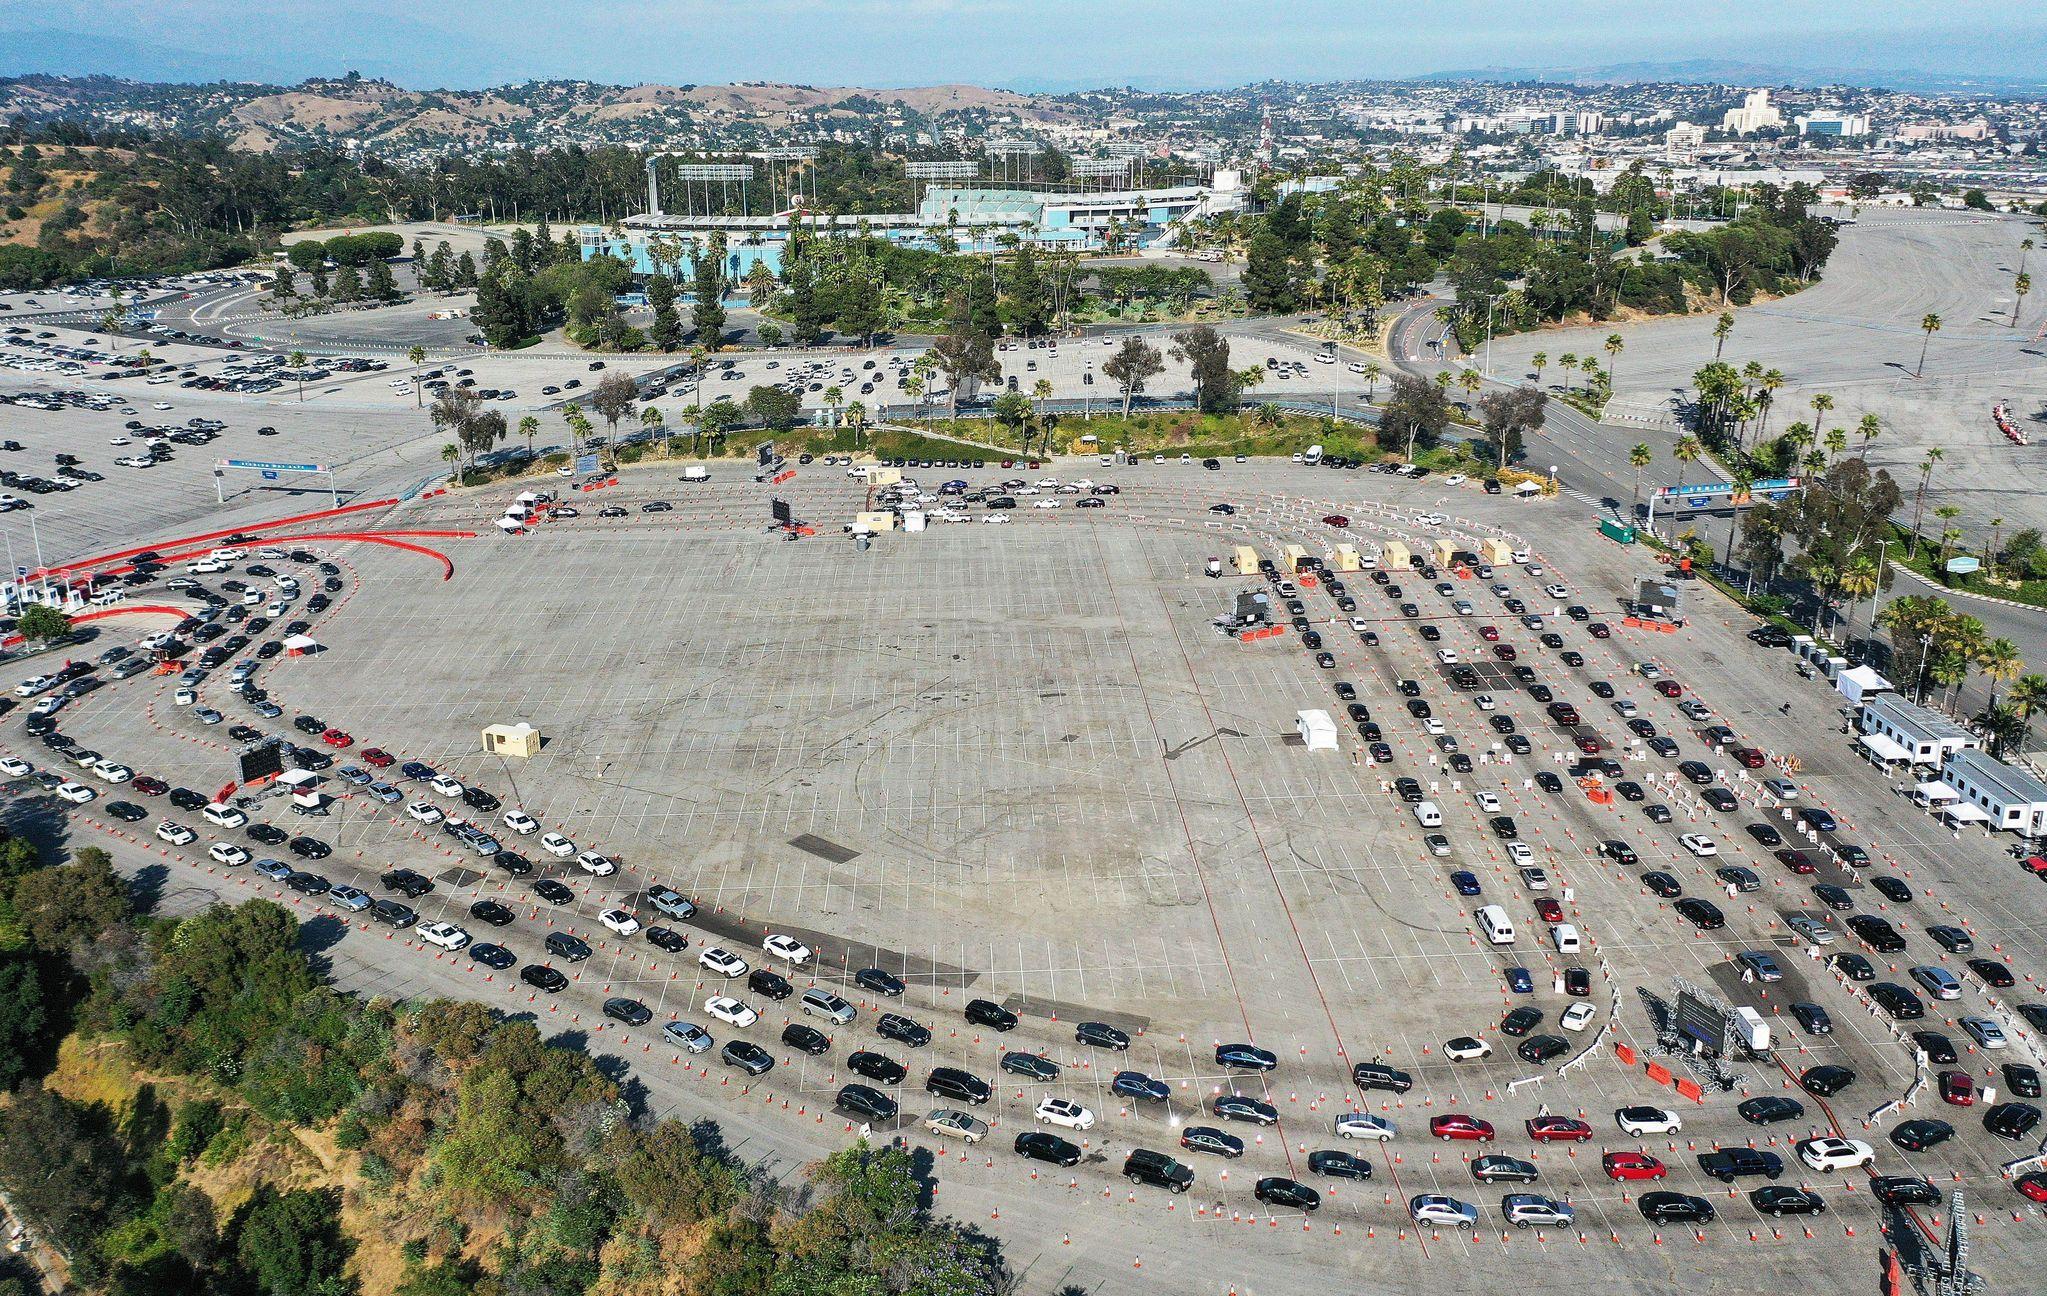 코로나19 검사를 받으려는 사람들이 탑승한 차량들이 26일(현지시간) 미국 캘리포니아주 LA 다저스 스타디움 주차장에 장사진을 치고 있다. 늘어선 차량 뒷 편에 다저스 경기장이 보인다. [AFP=연합뉴스]